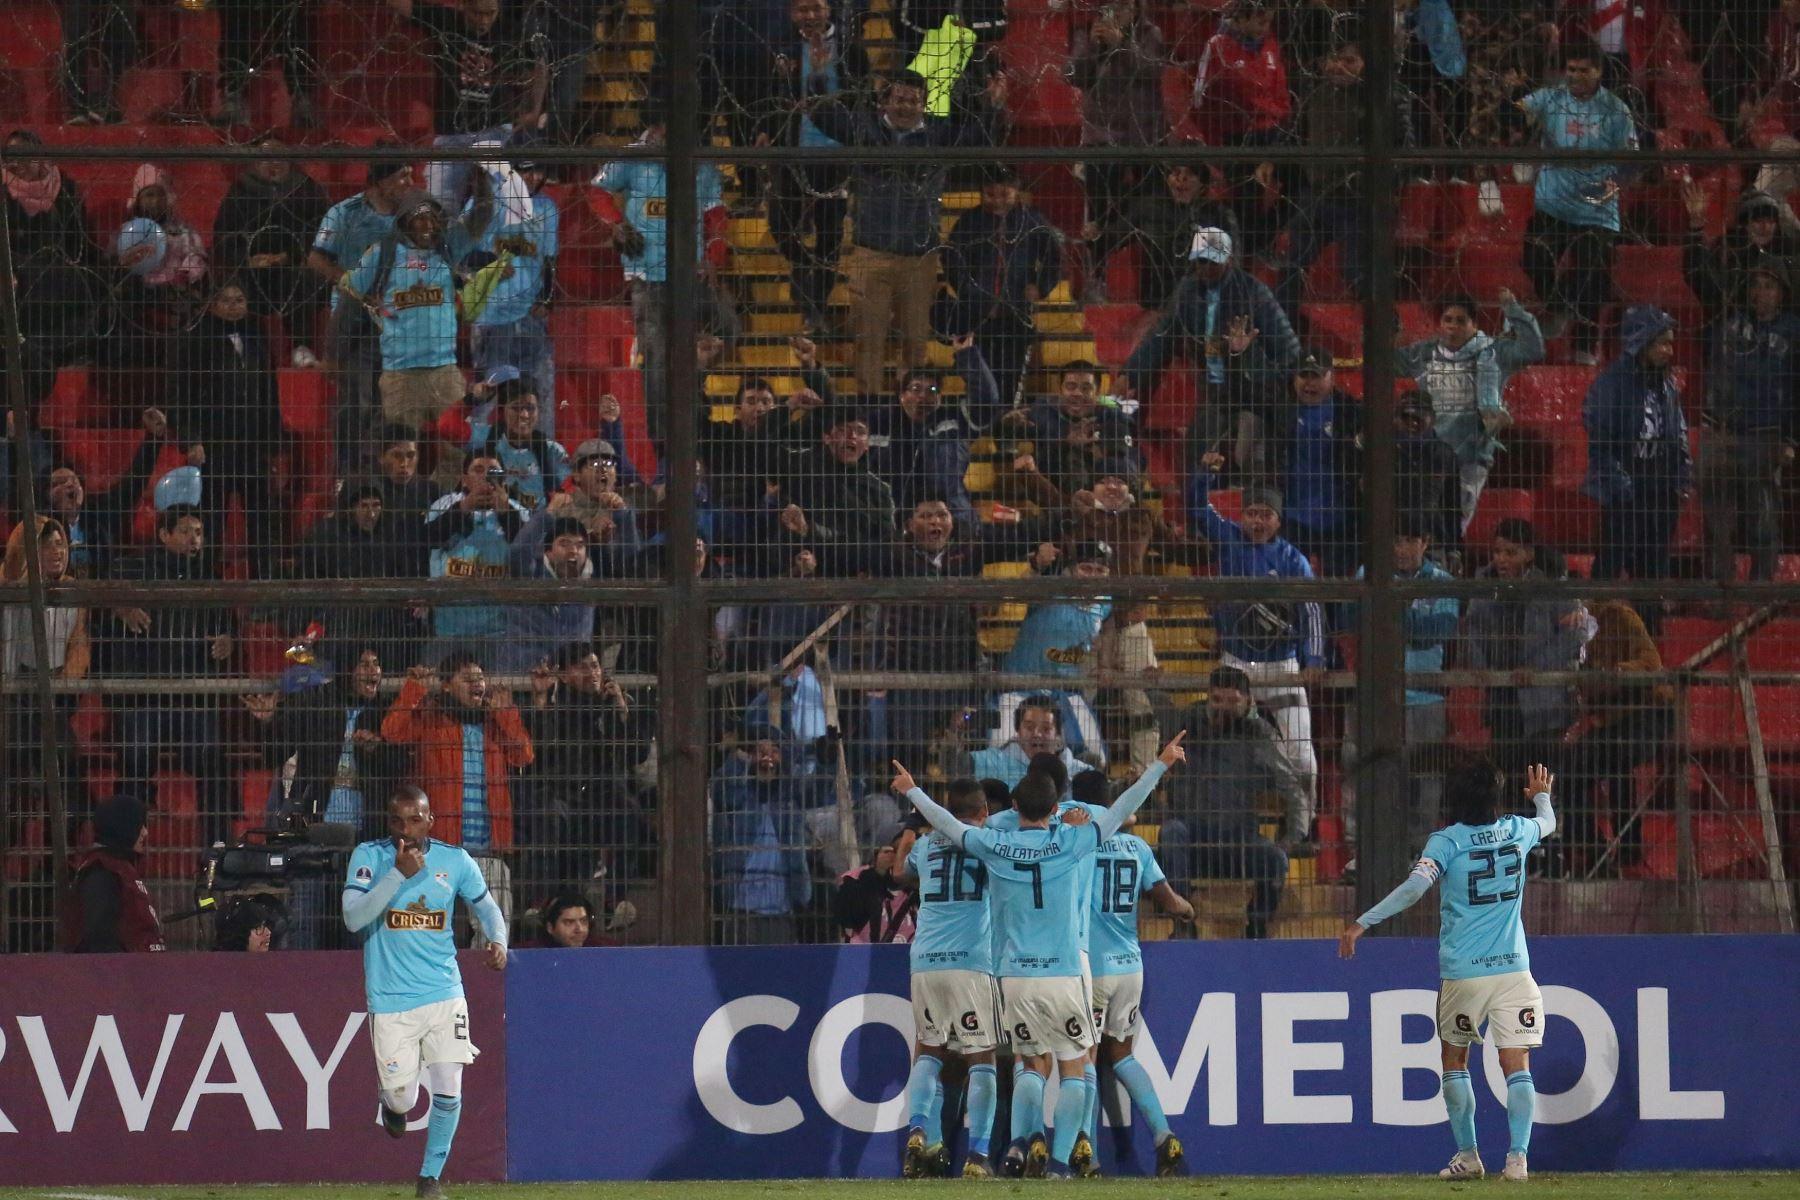 Jugadores de Sporting Cristal festejan su gol ante Unión Española durante un partido de fútbol de la Copa Sudamericana 2019. Foto:EFE